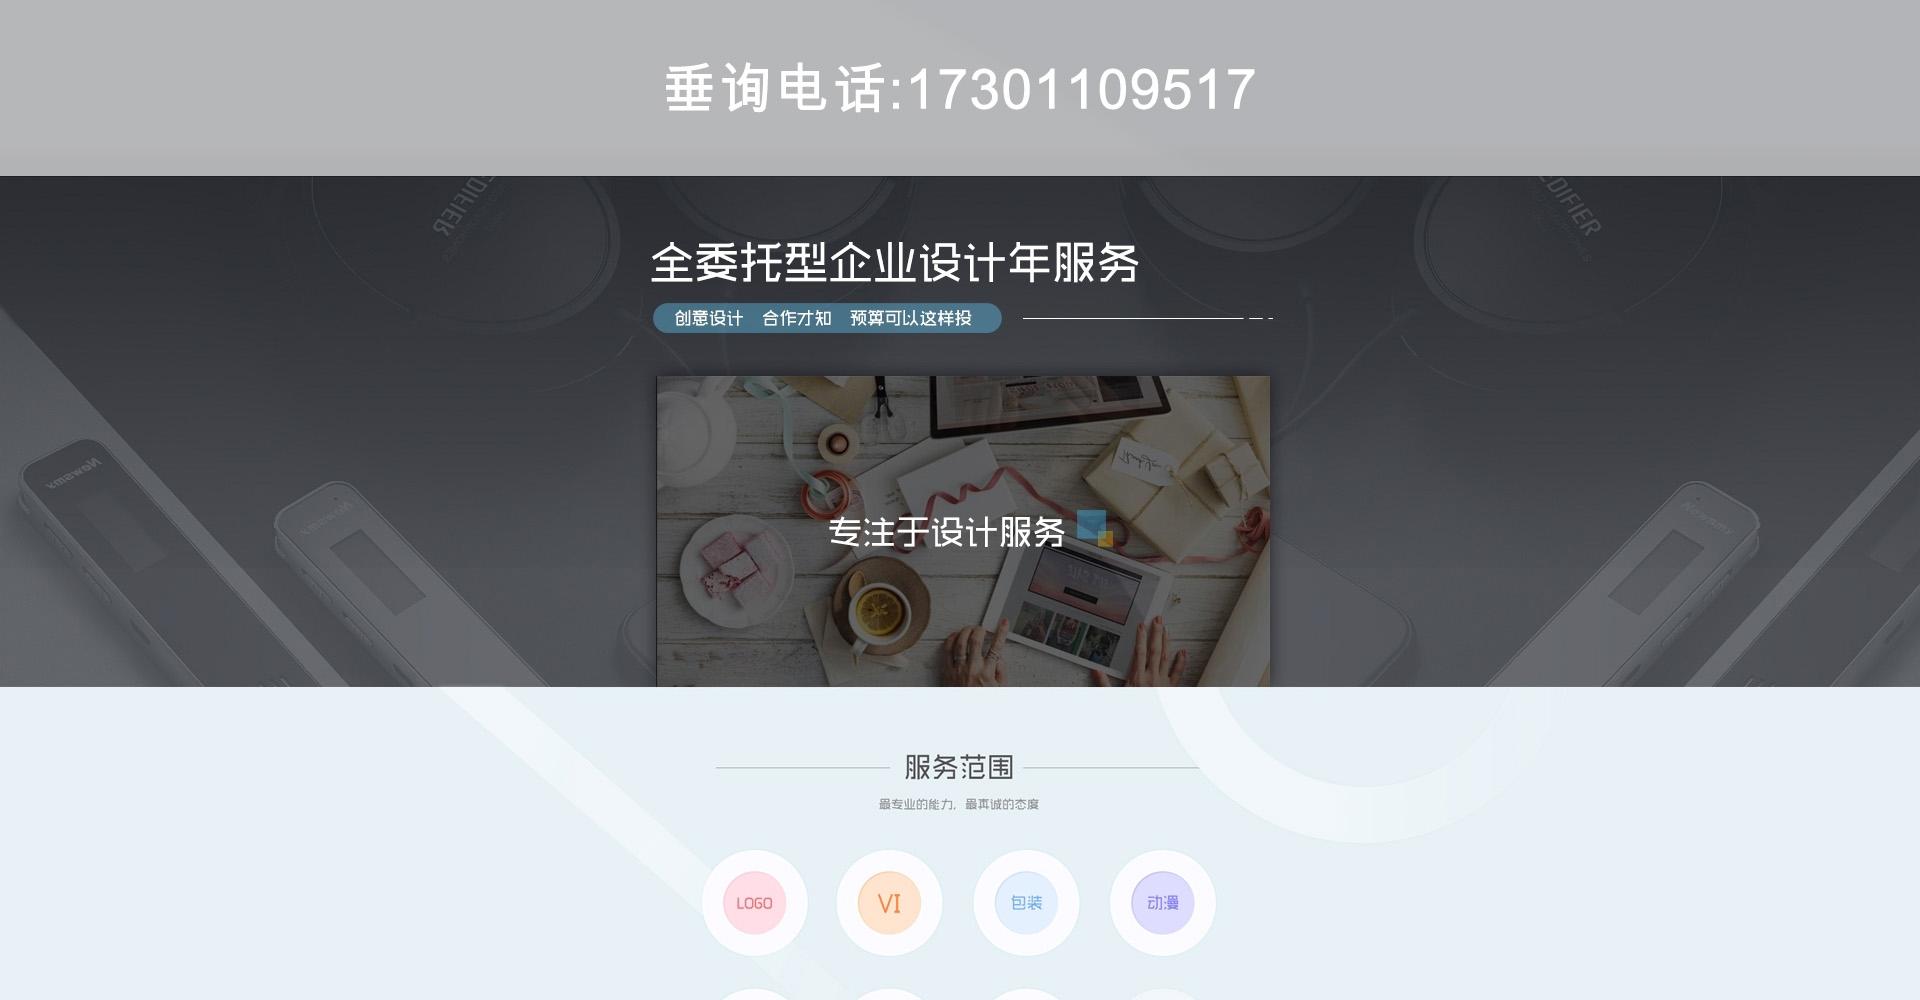 北京毓辰创意宣传公告牌